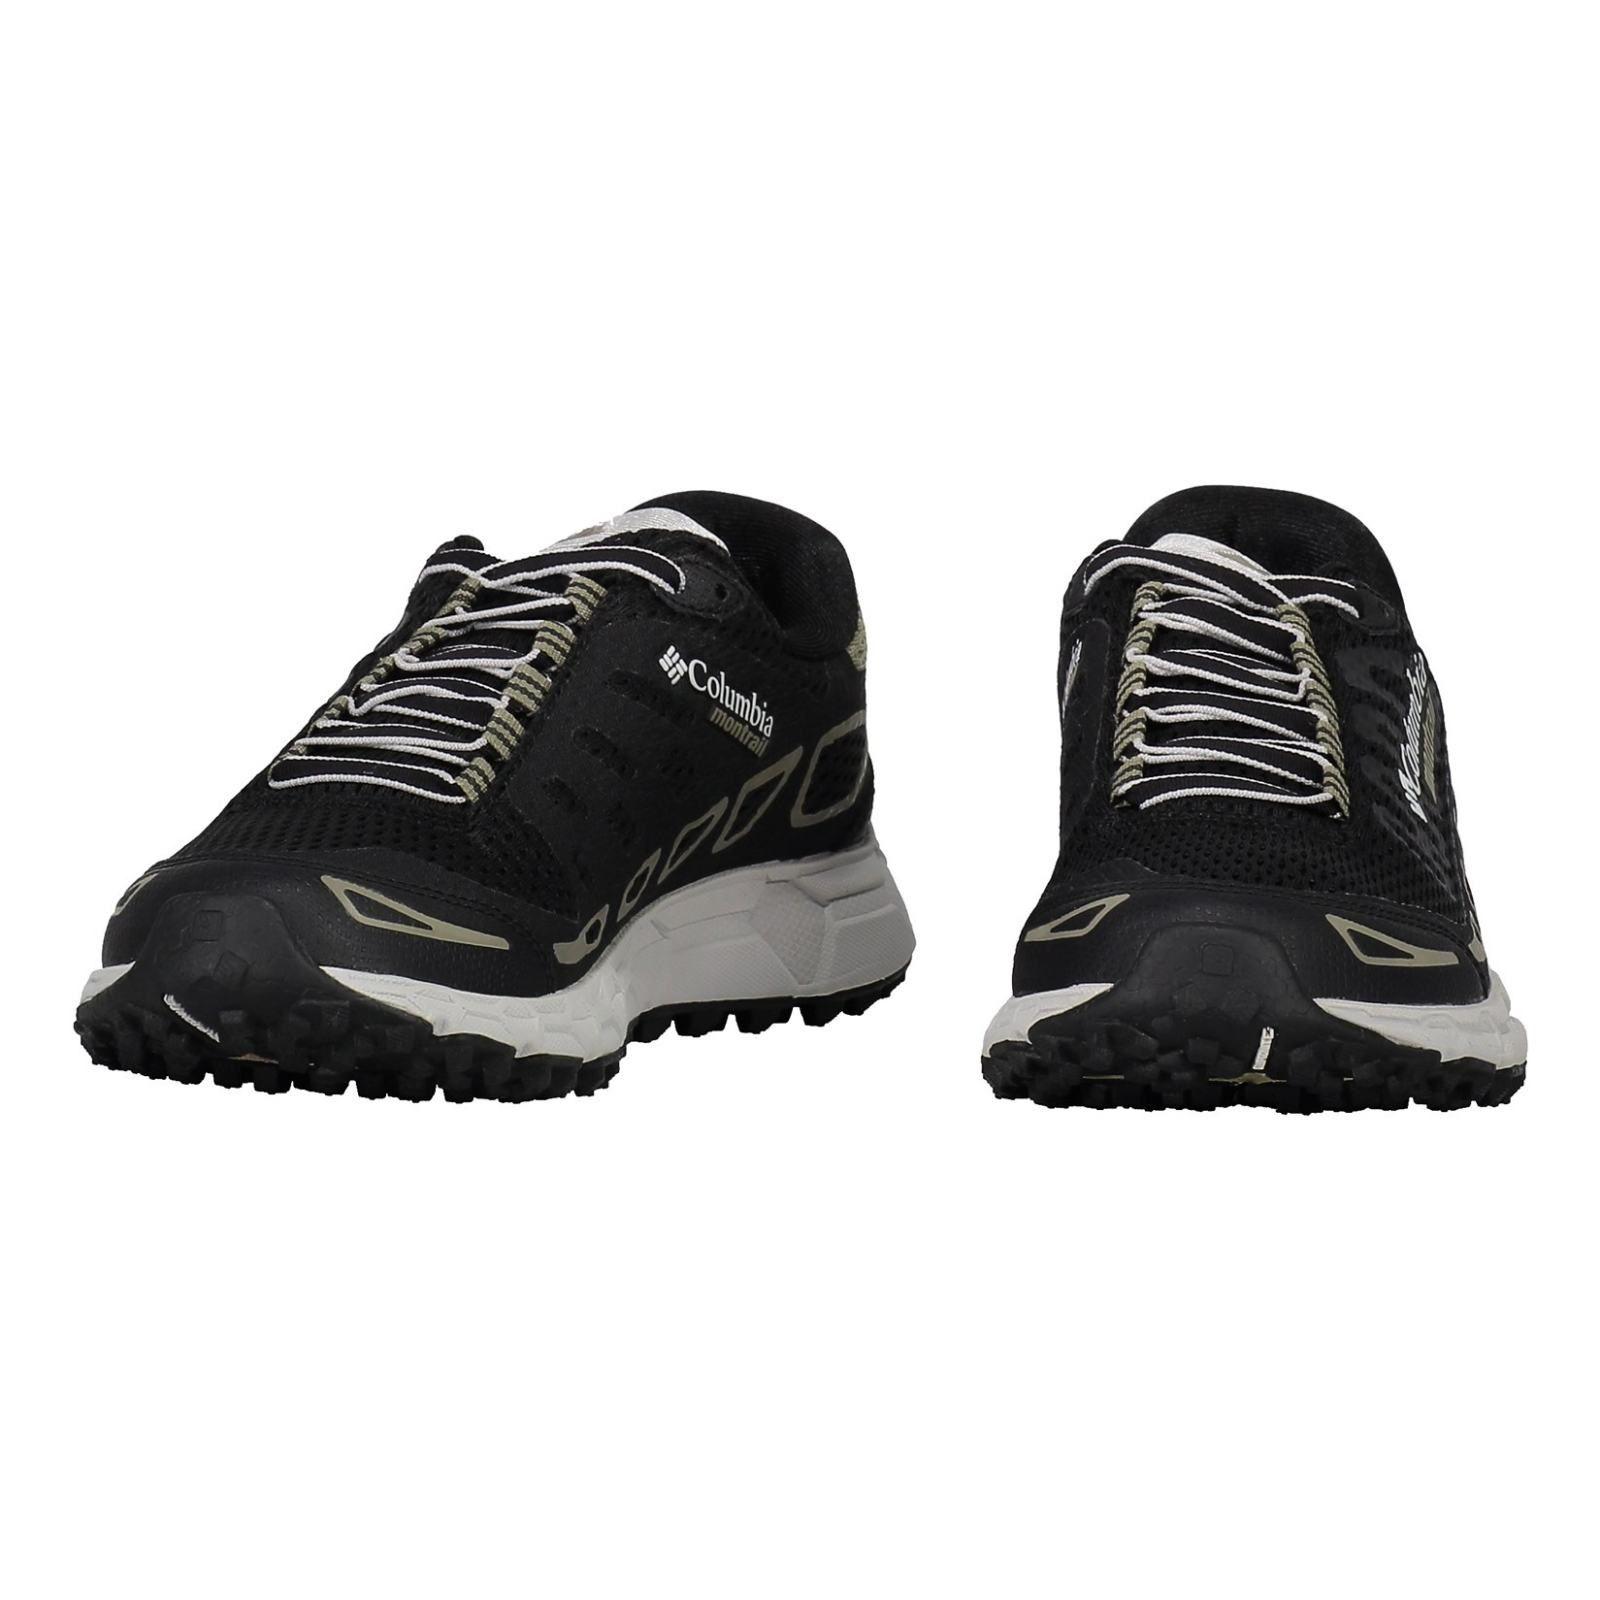 کفش مخصوص دویدن زنانه کلمبیا مدل  BL4570-011 -  - 16